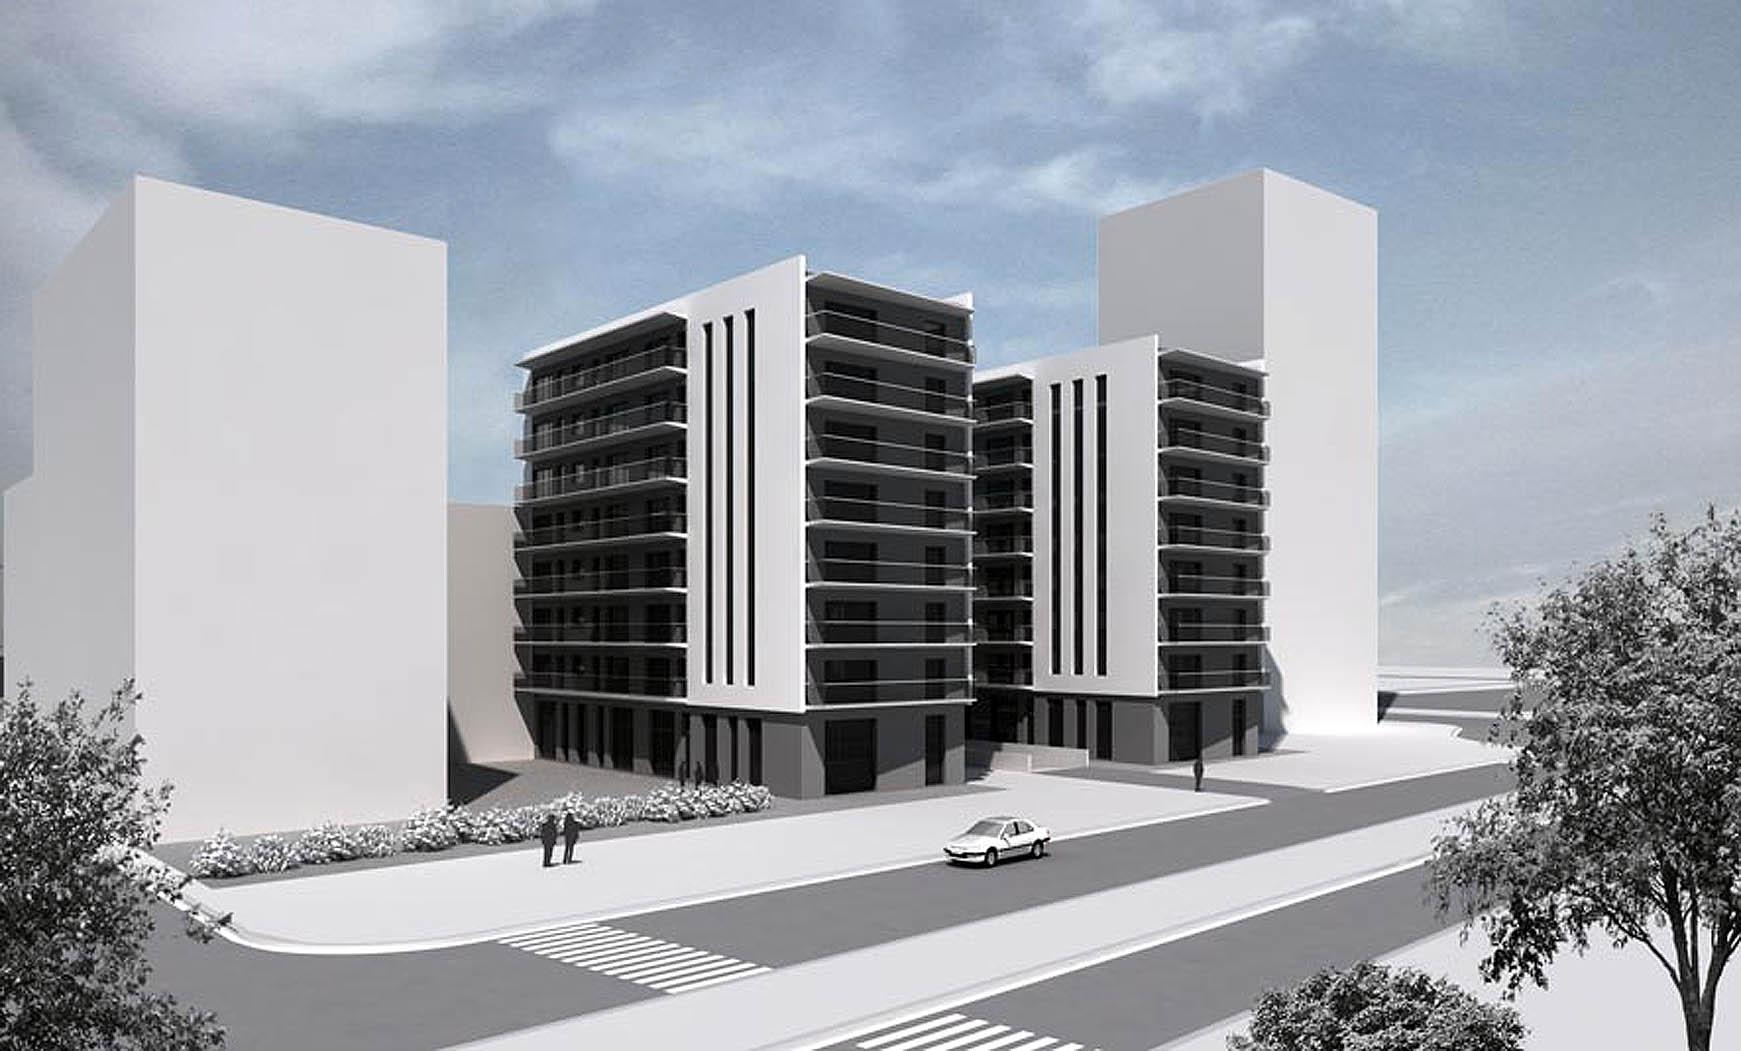 94 viviendas y aparcamiento en Calvell/Bilbao, Barcelona. Anteproyecto, 2003. En colab. con BCM 1/2